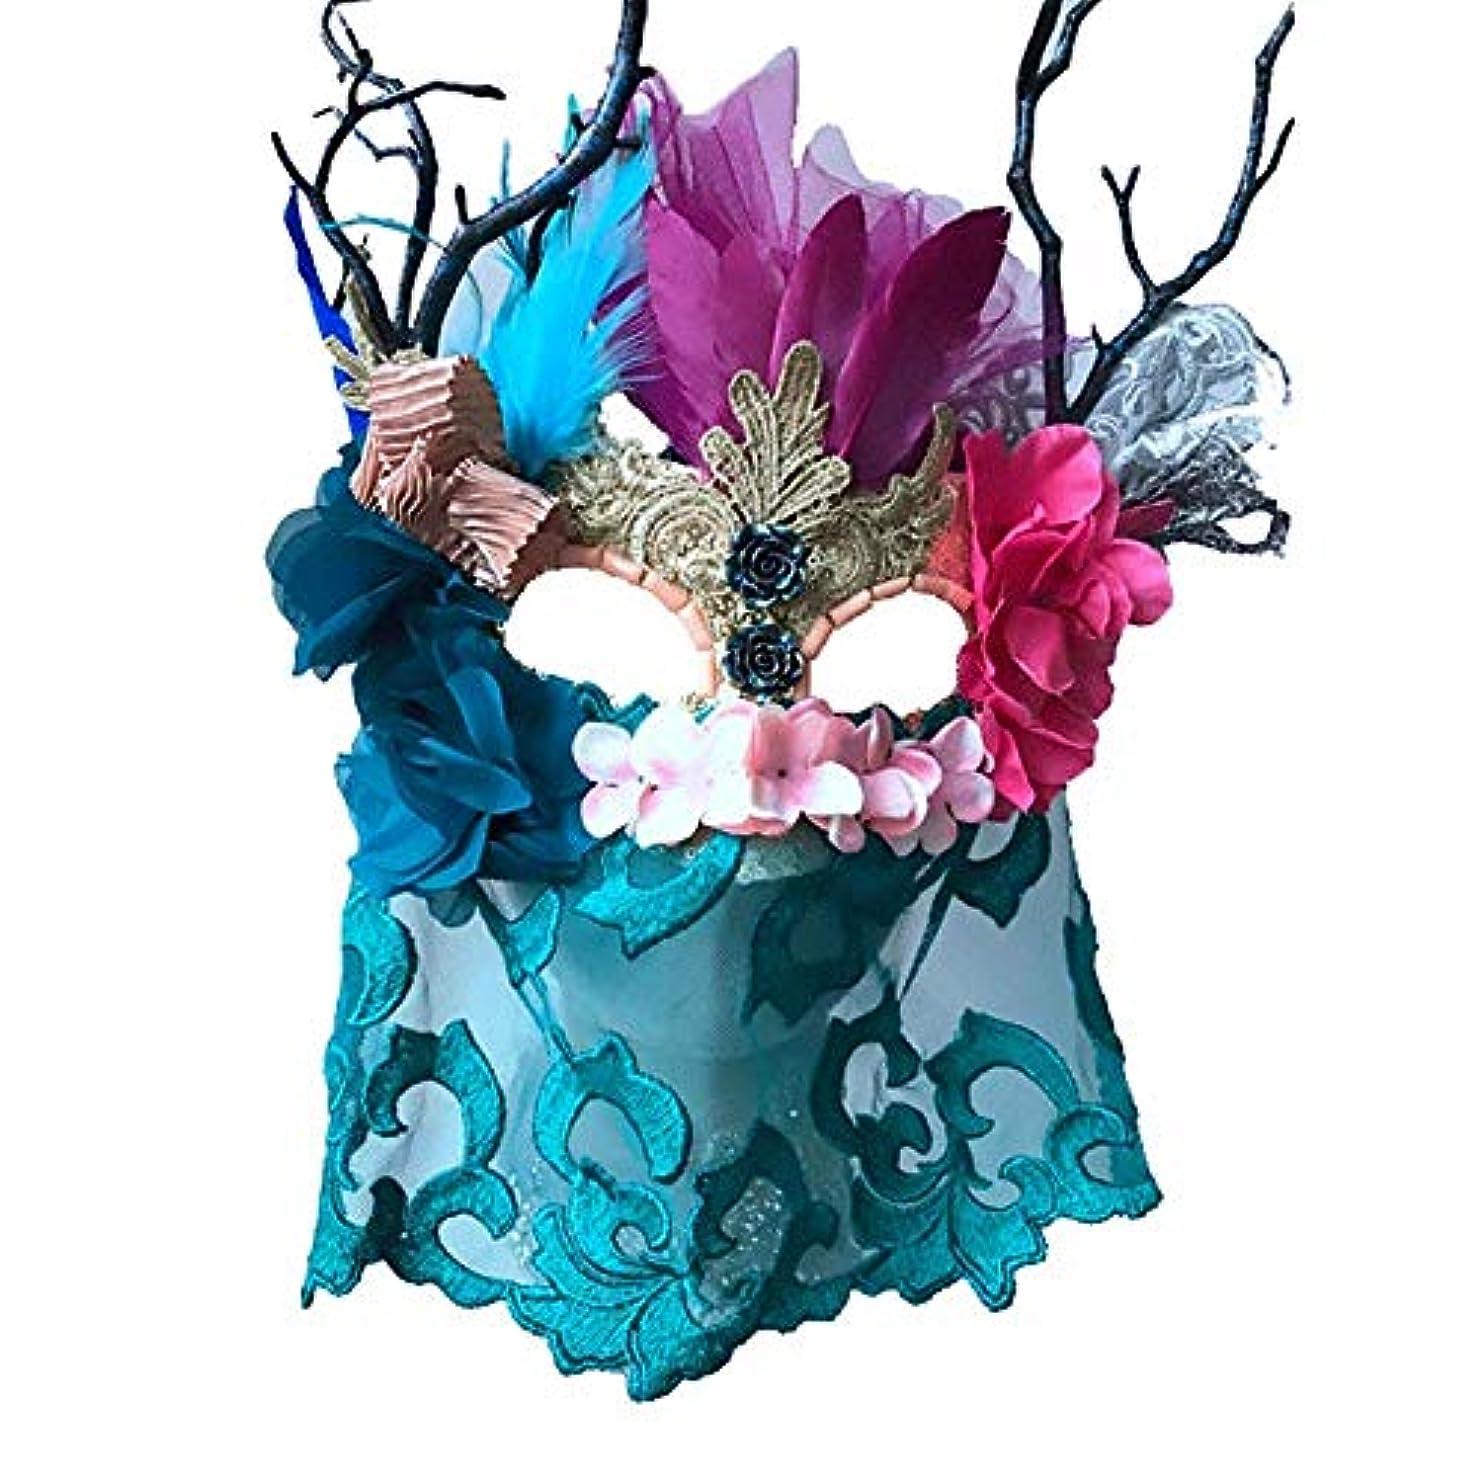 農奴アイデア分子Nanle ハロウィーンのクリスマスフェザーの乾いた枝ベールの花マスク仮装マスクレディミスプリンセス美しさの祭りデコレーションマスク